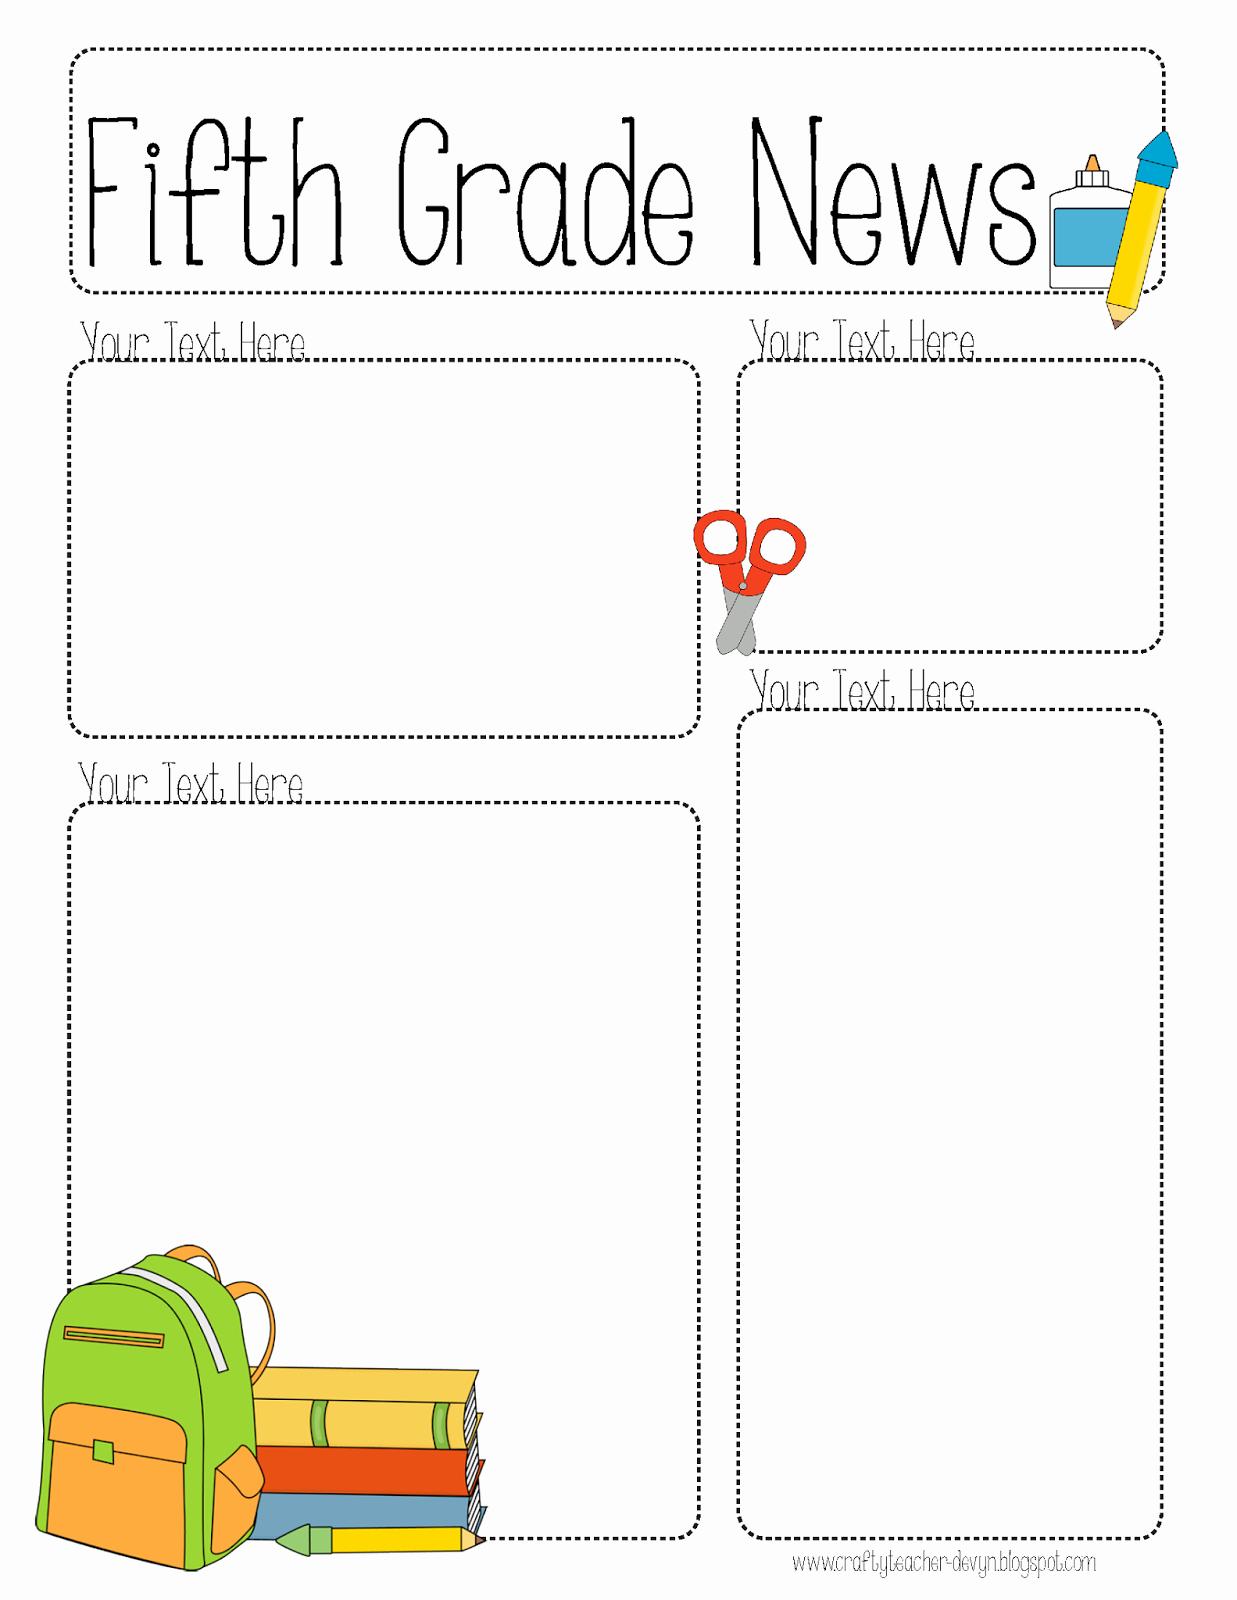 Pletely Editable Newsletter for All Grades